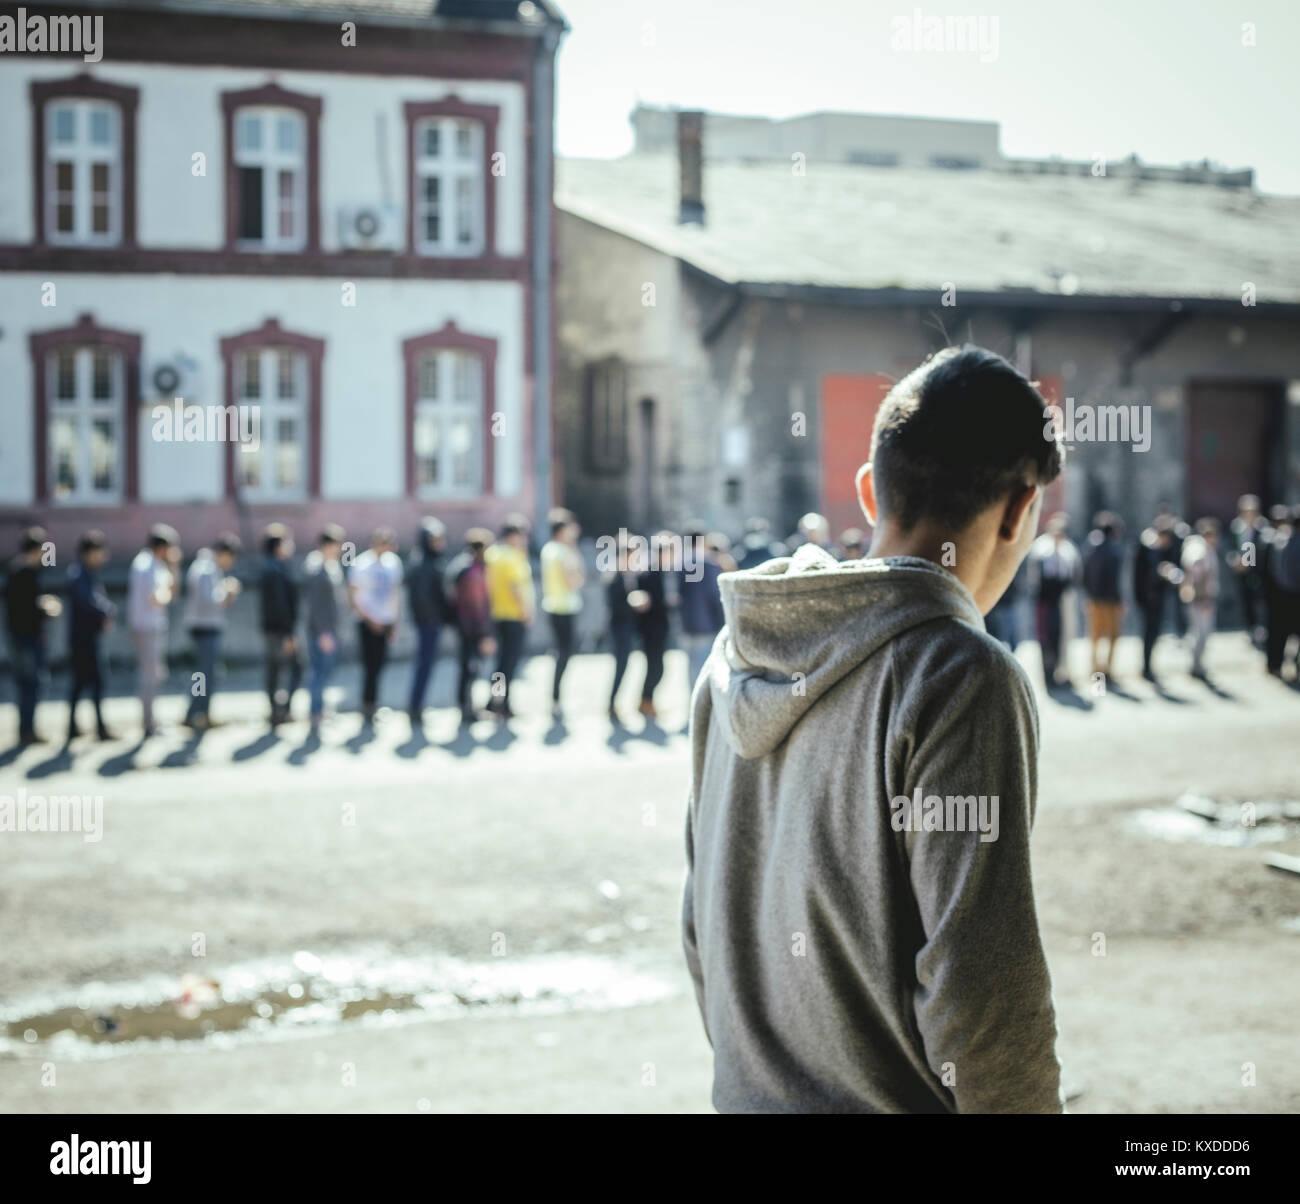 Flüchtlinge, Afghanische, pakistanische Jugend, verlassenen Kaufhaus, Belgrad, Serbien Stockbild